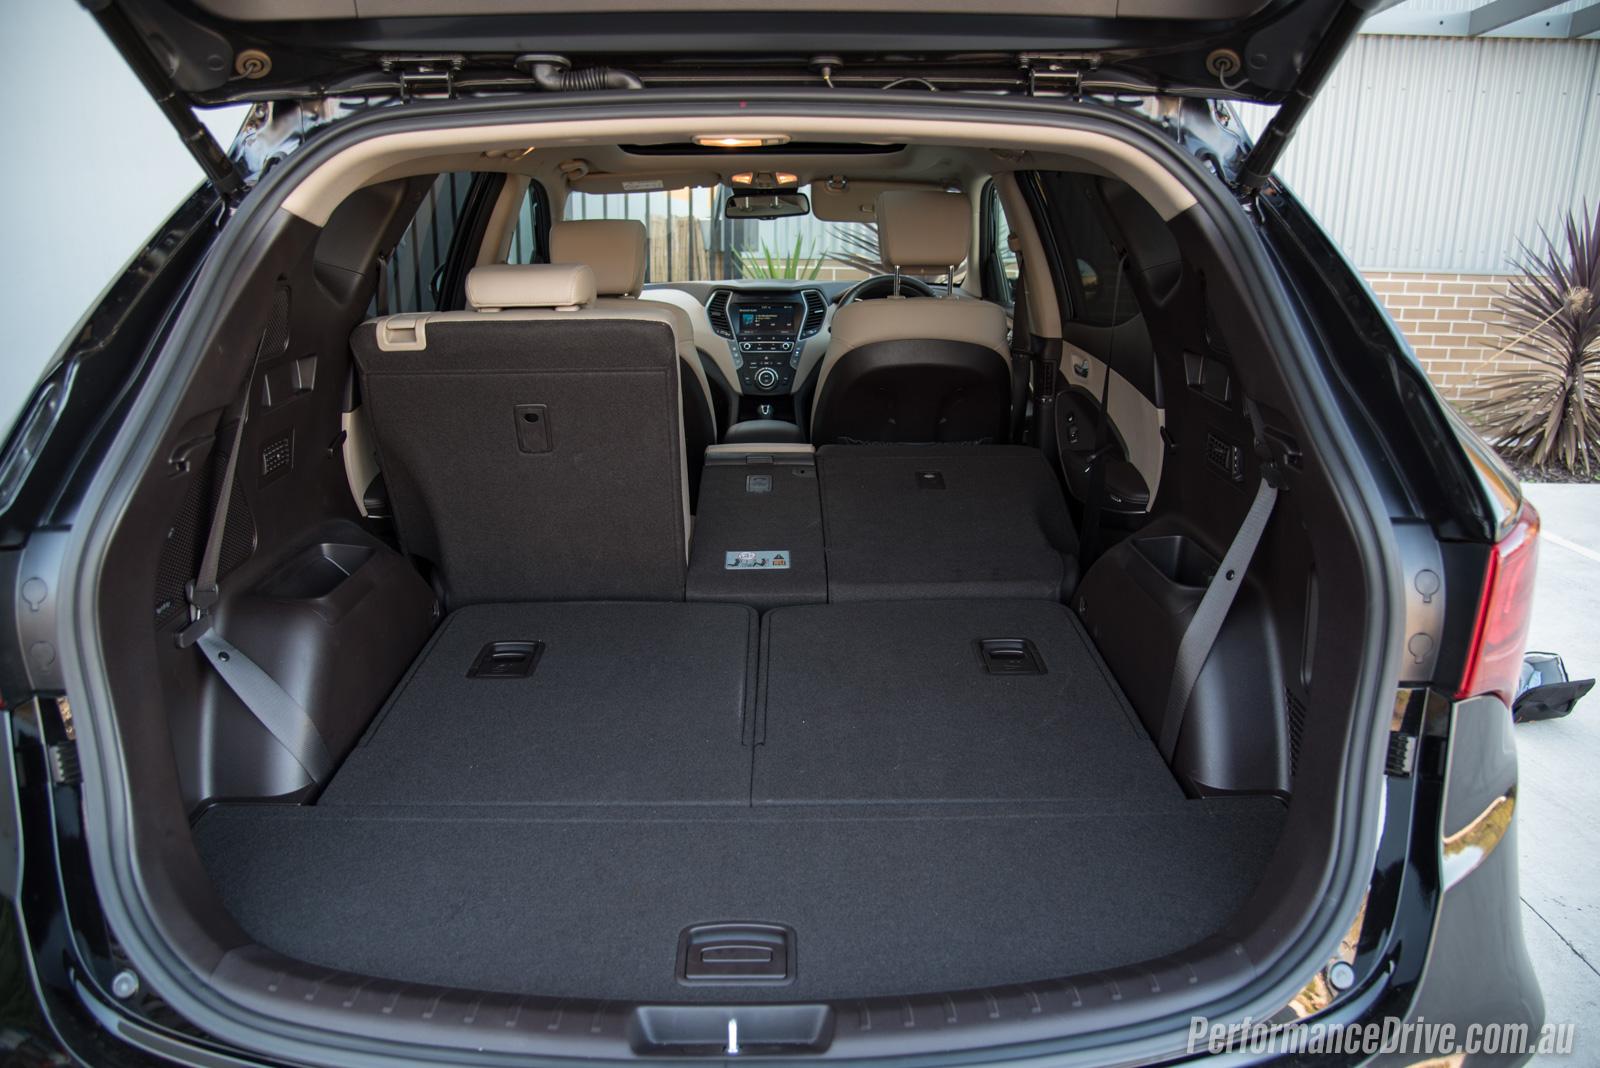 2016 Hyundai Santa Fe Sr Review Video Performancedrive